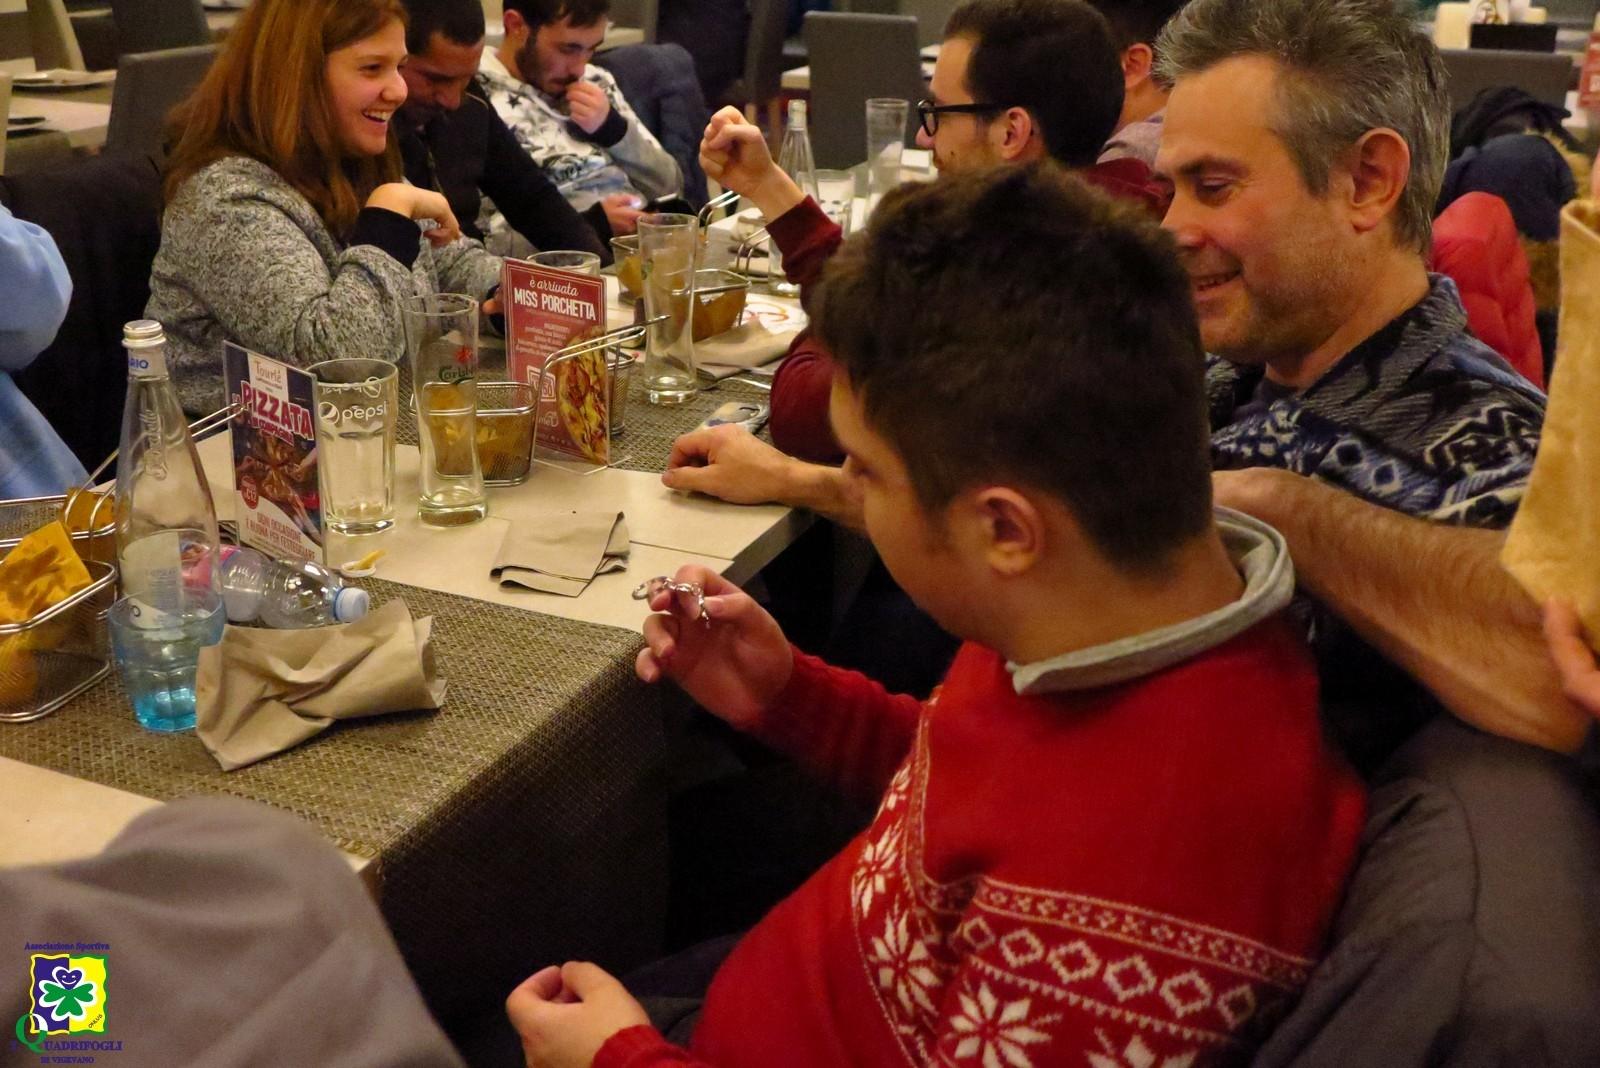 Cena di Natale iquadrifogli 18-12-2018 - 075